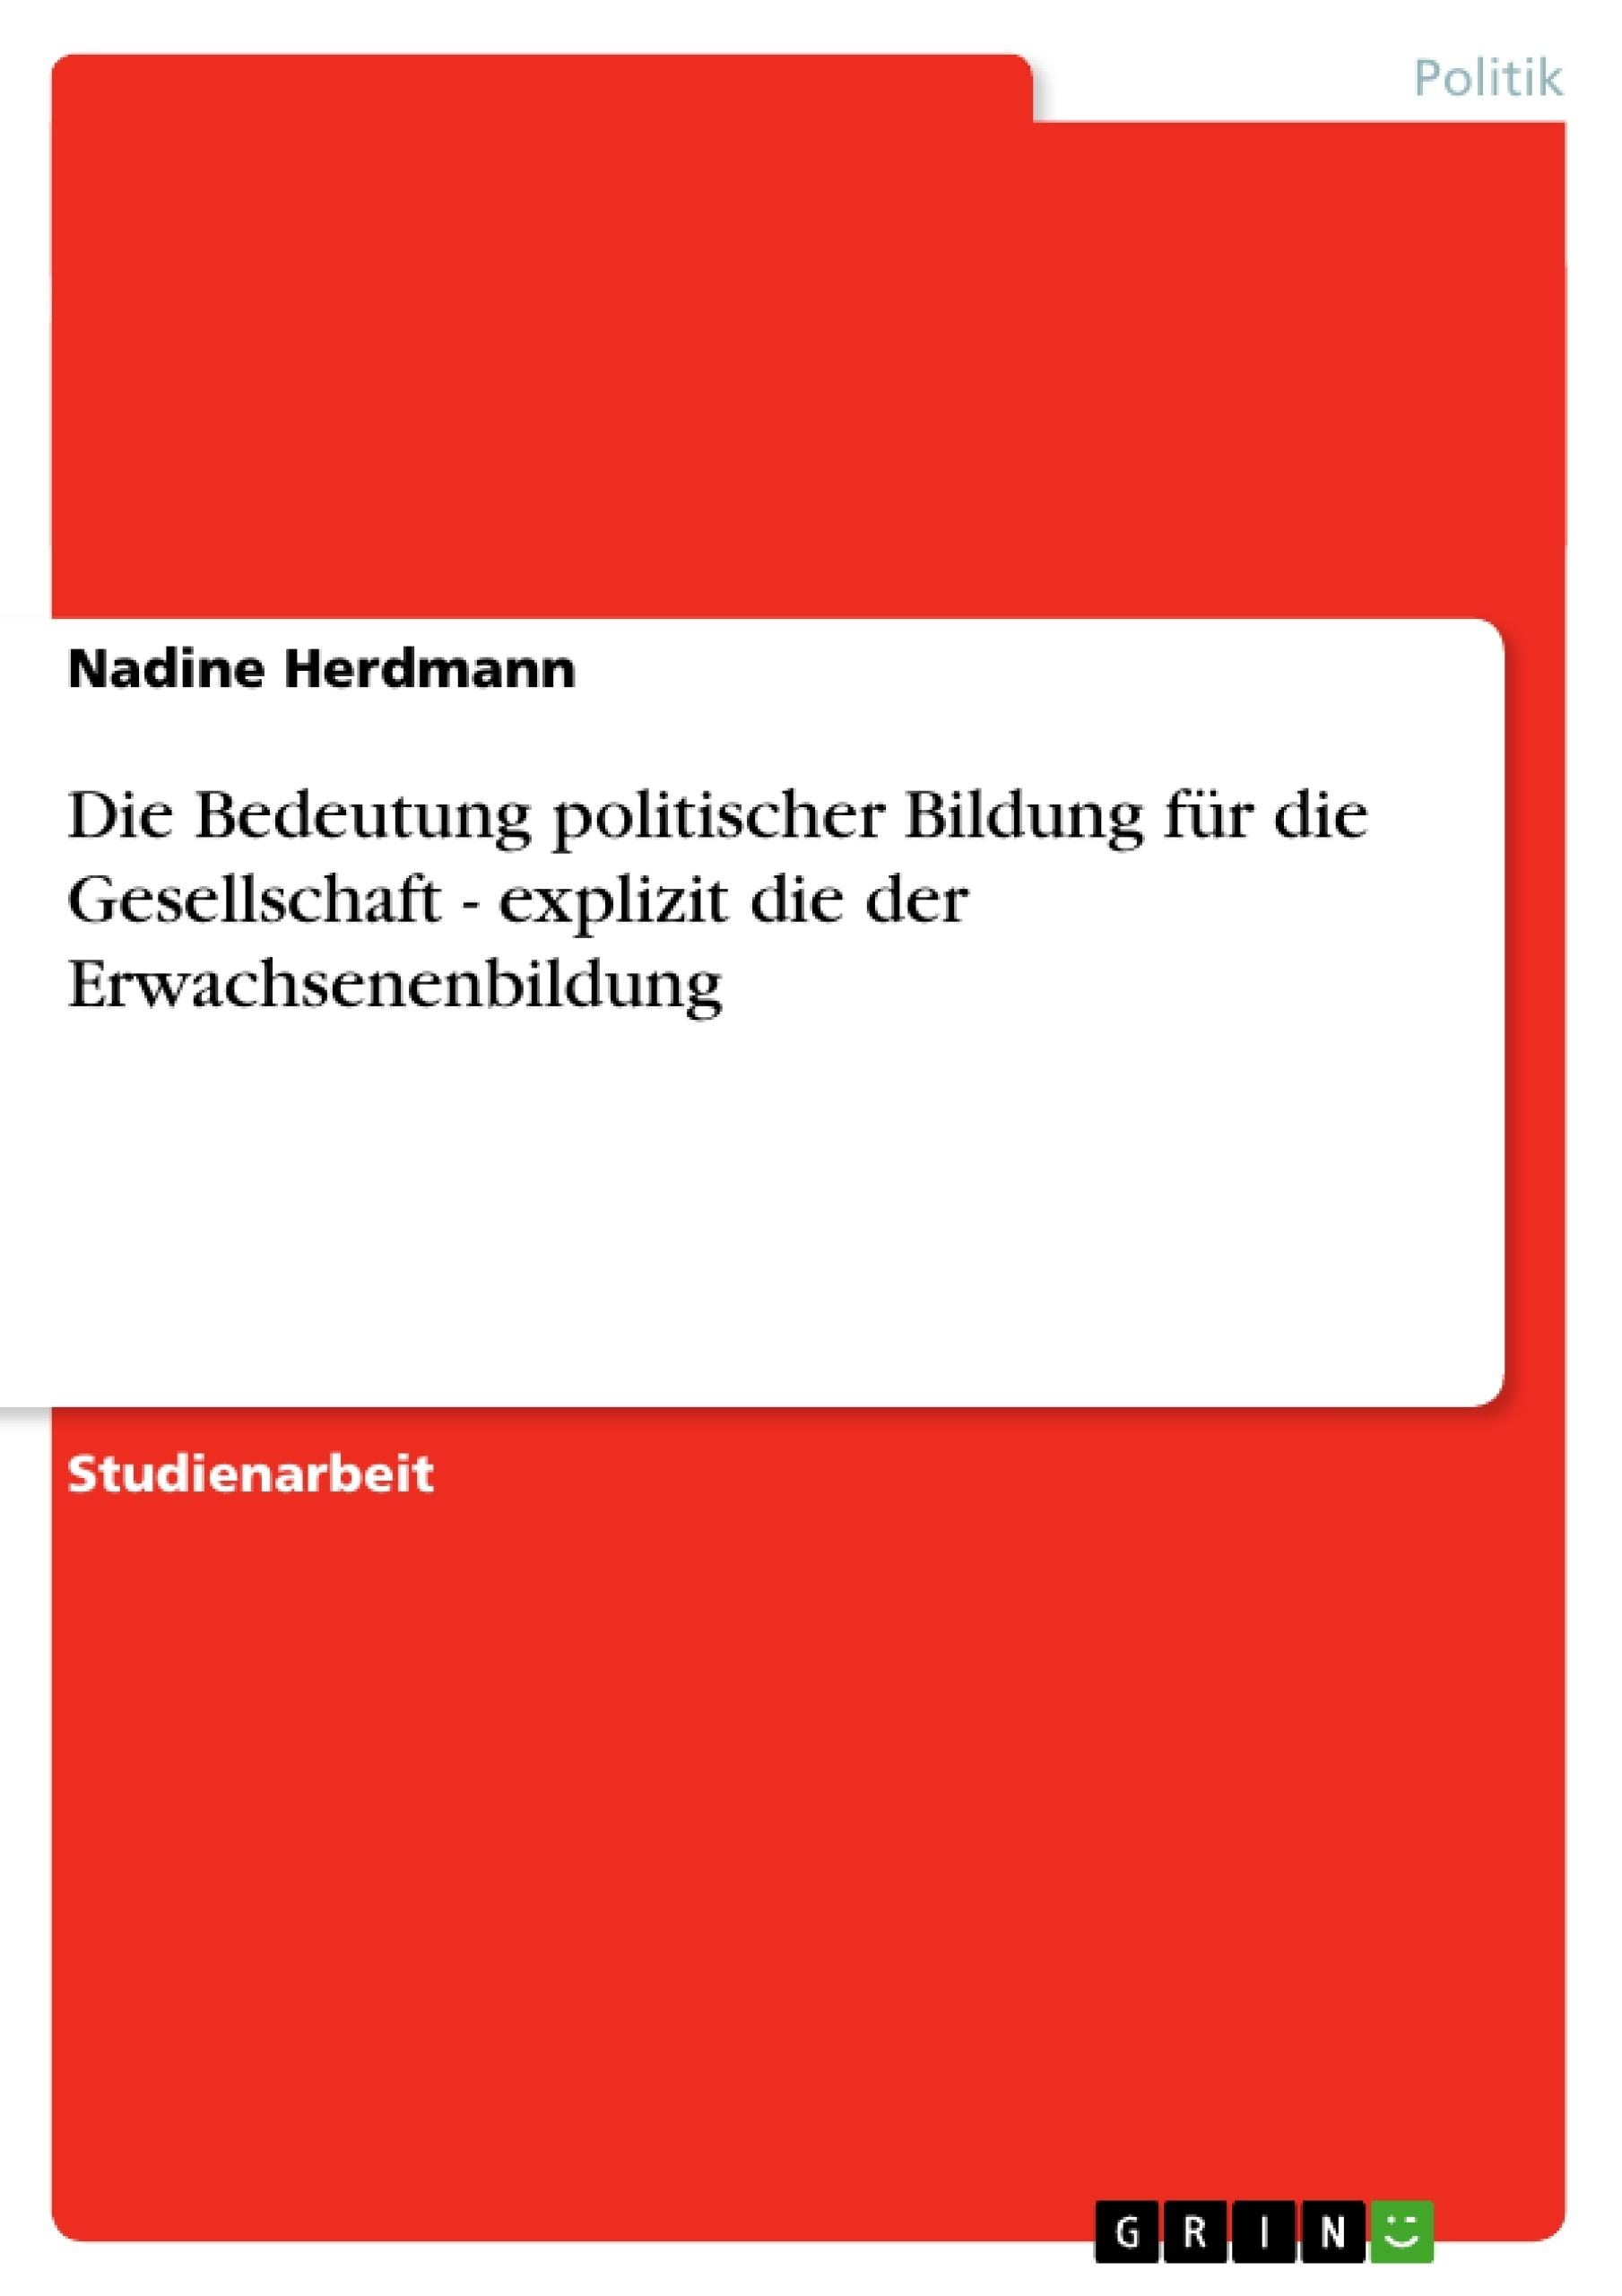 Titel: Die Bedeutung politischer Bildung für die Gesellschaft - explizit die der Erwachsenenbildung